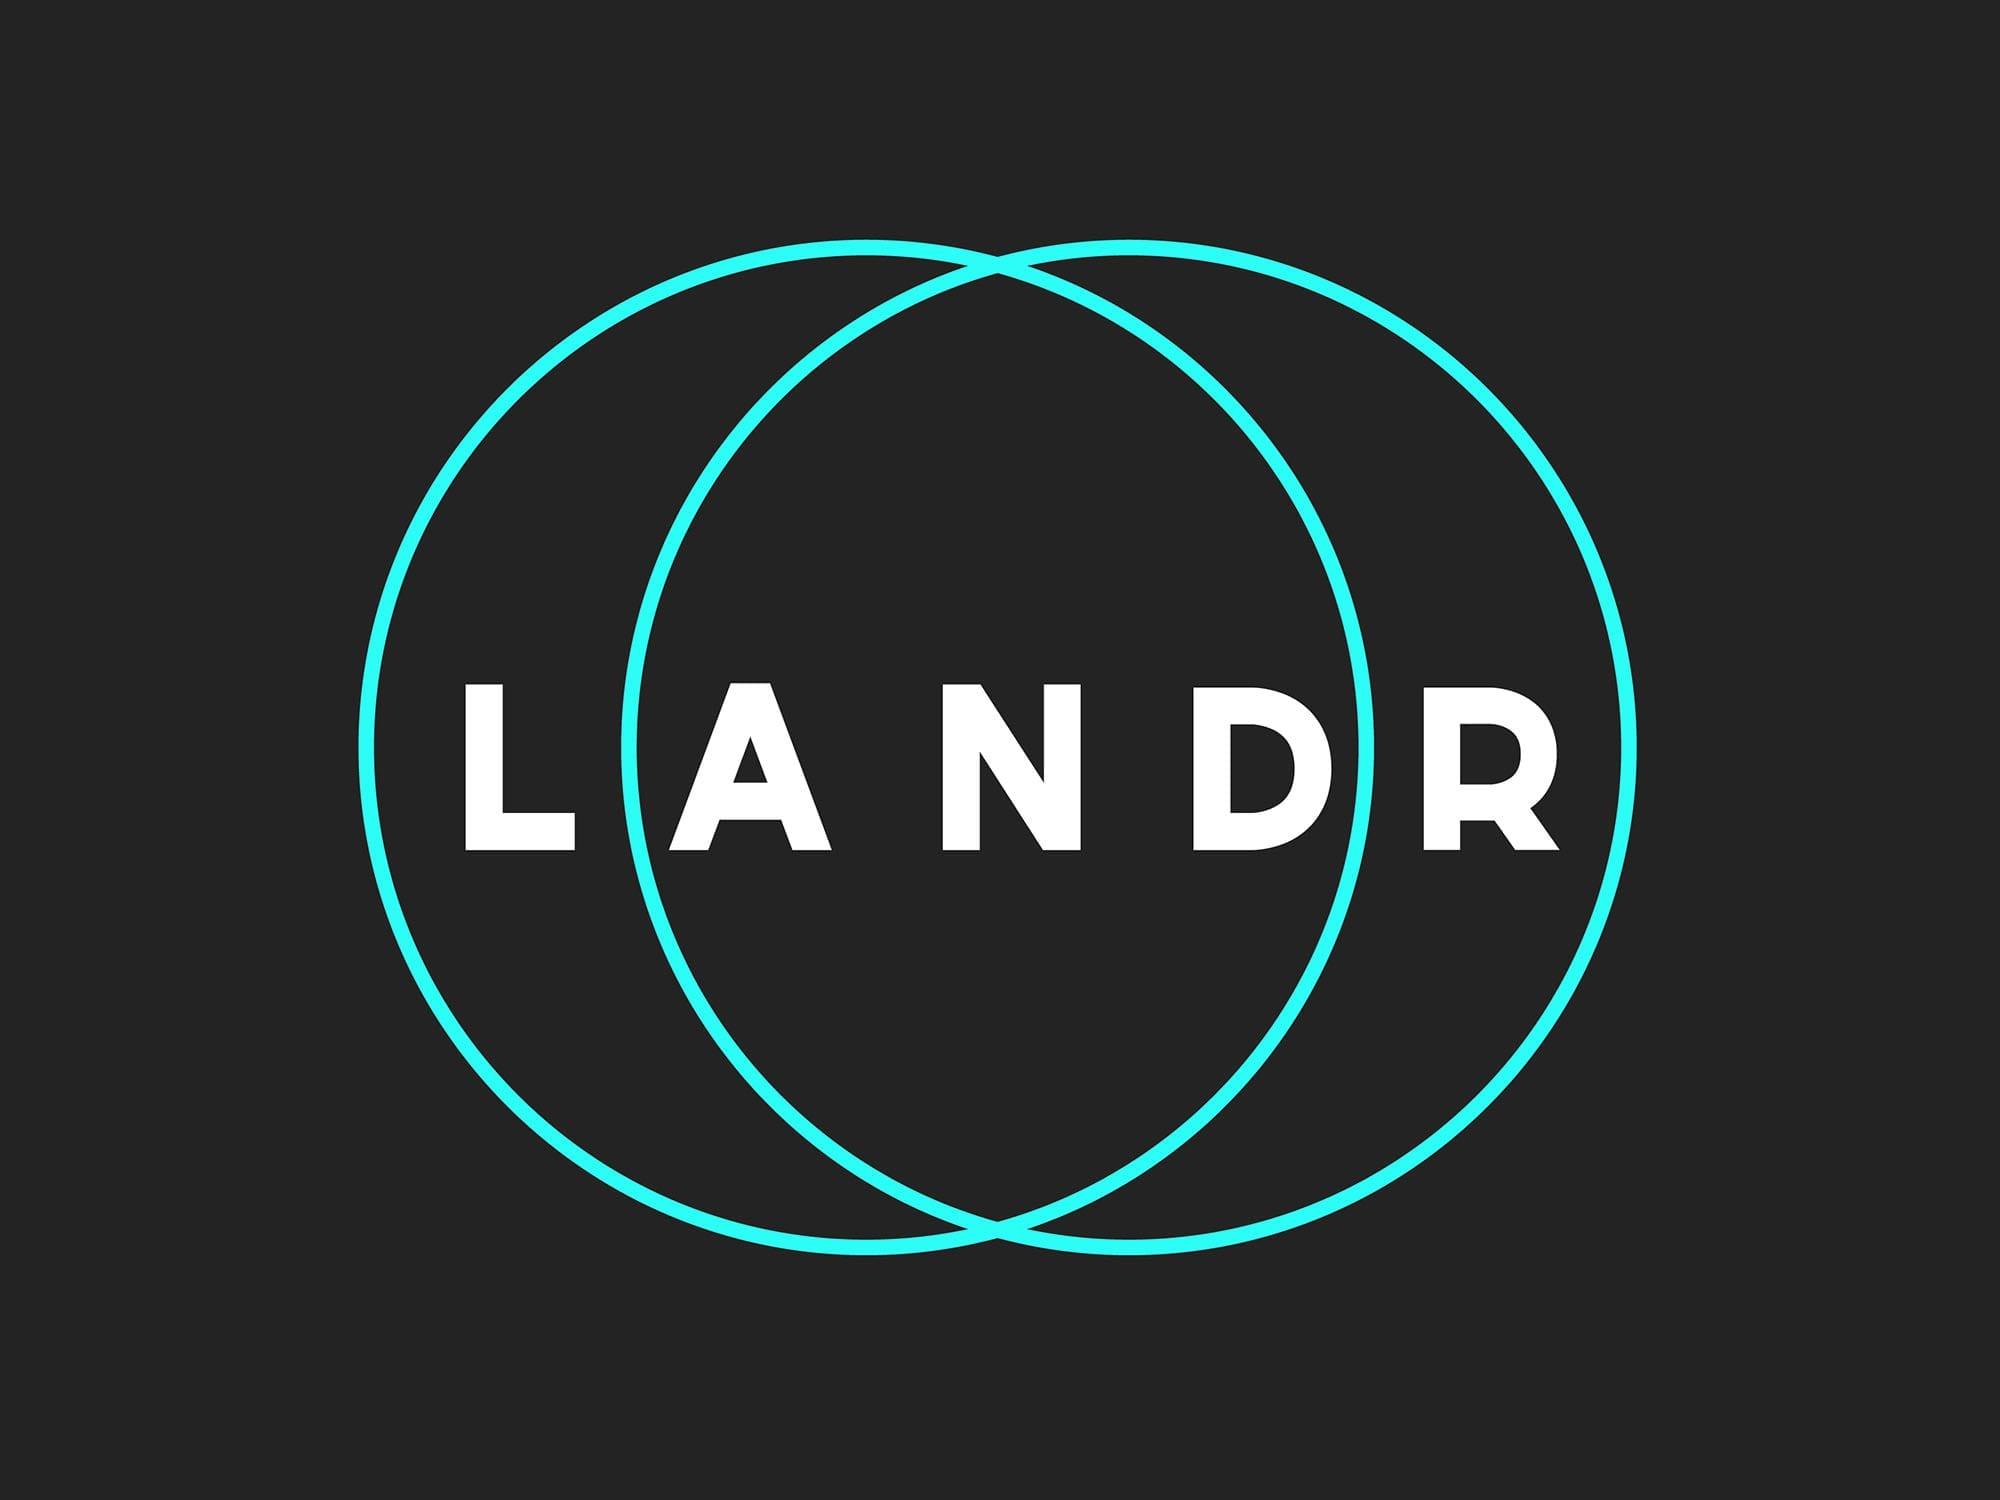 landr-new-logo.jpg